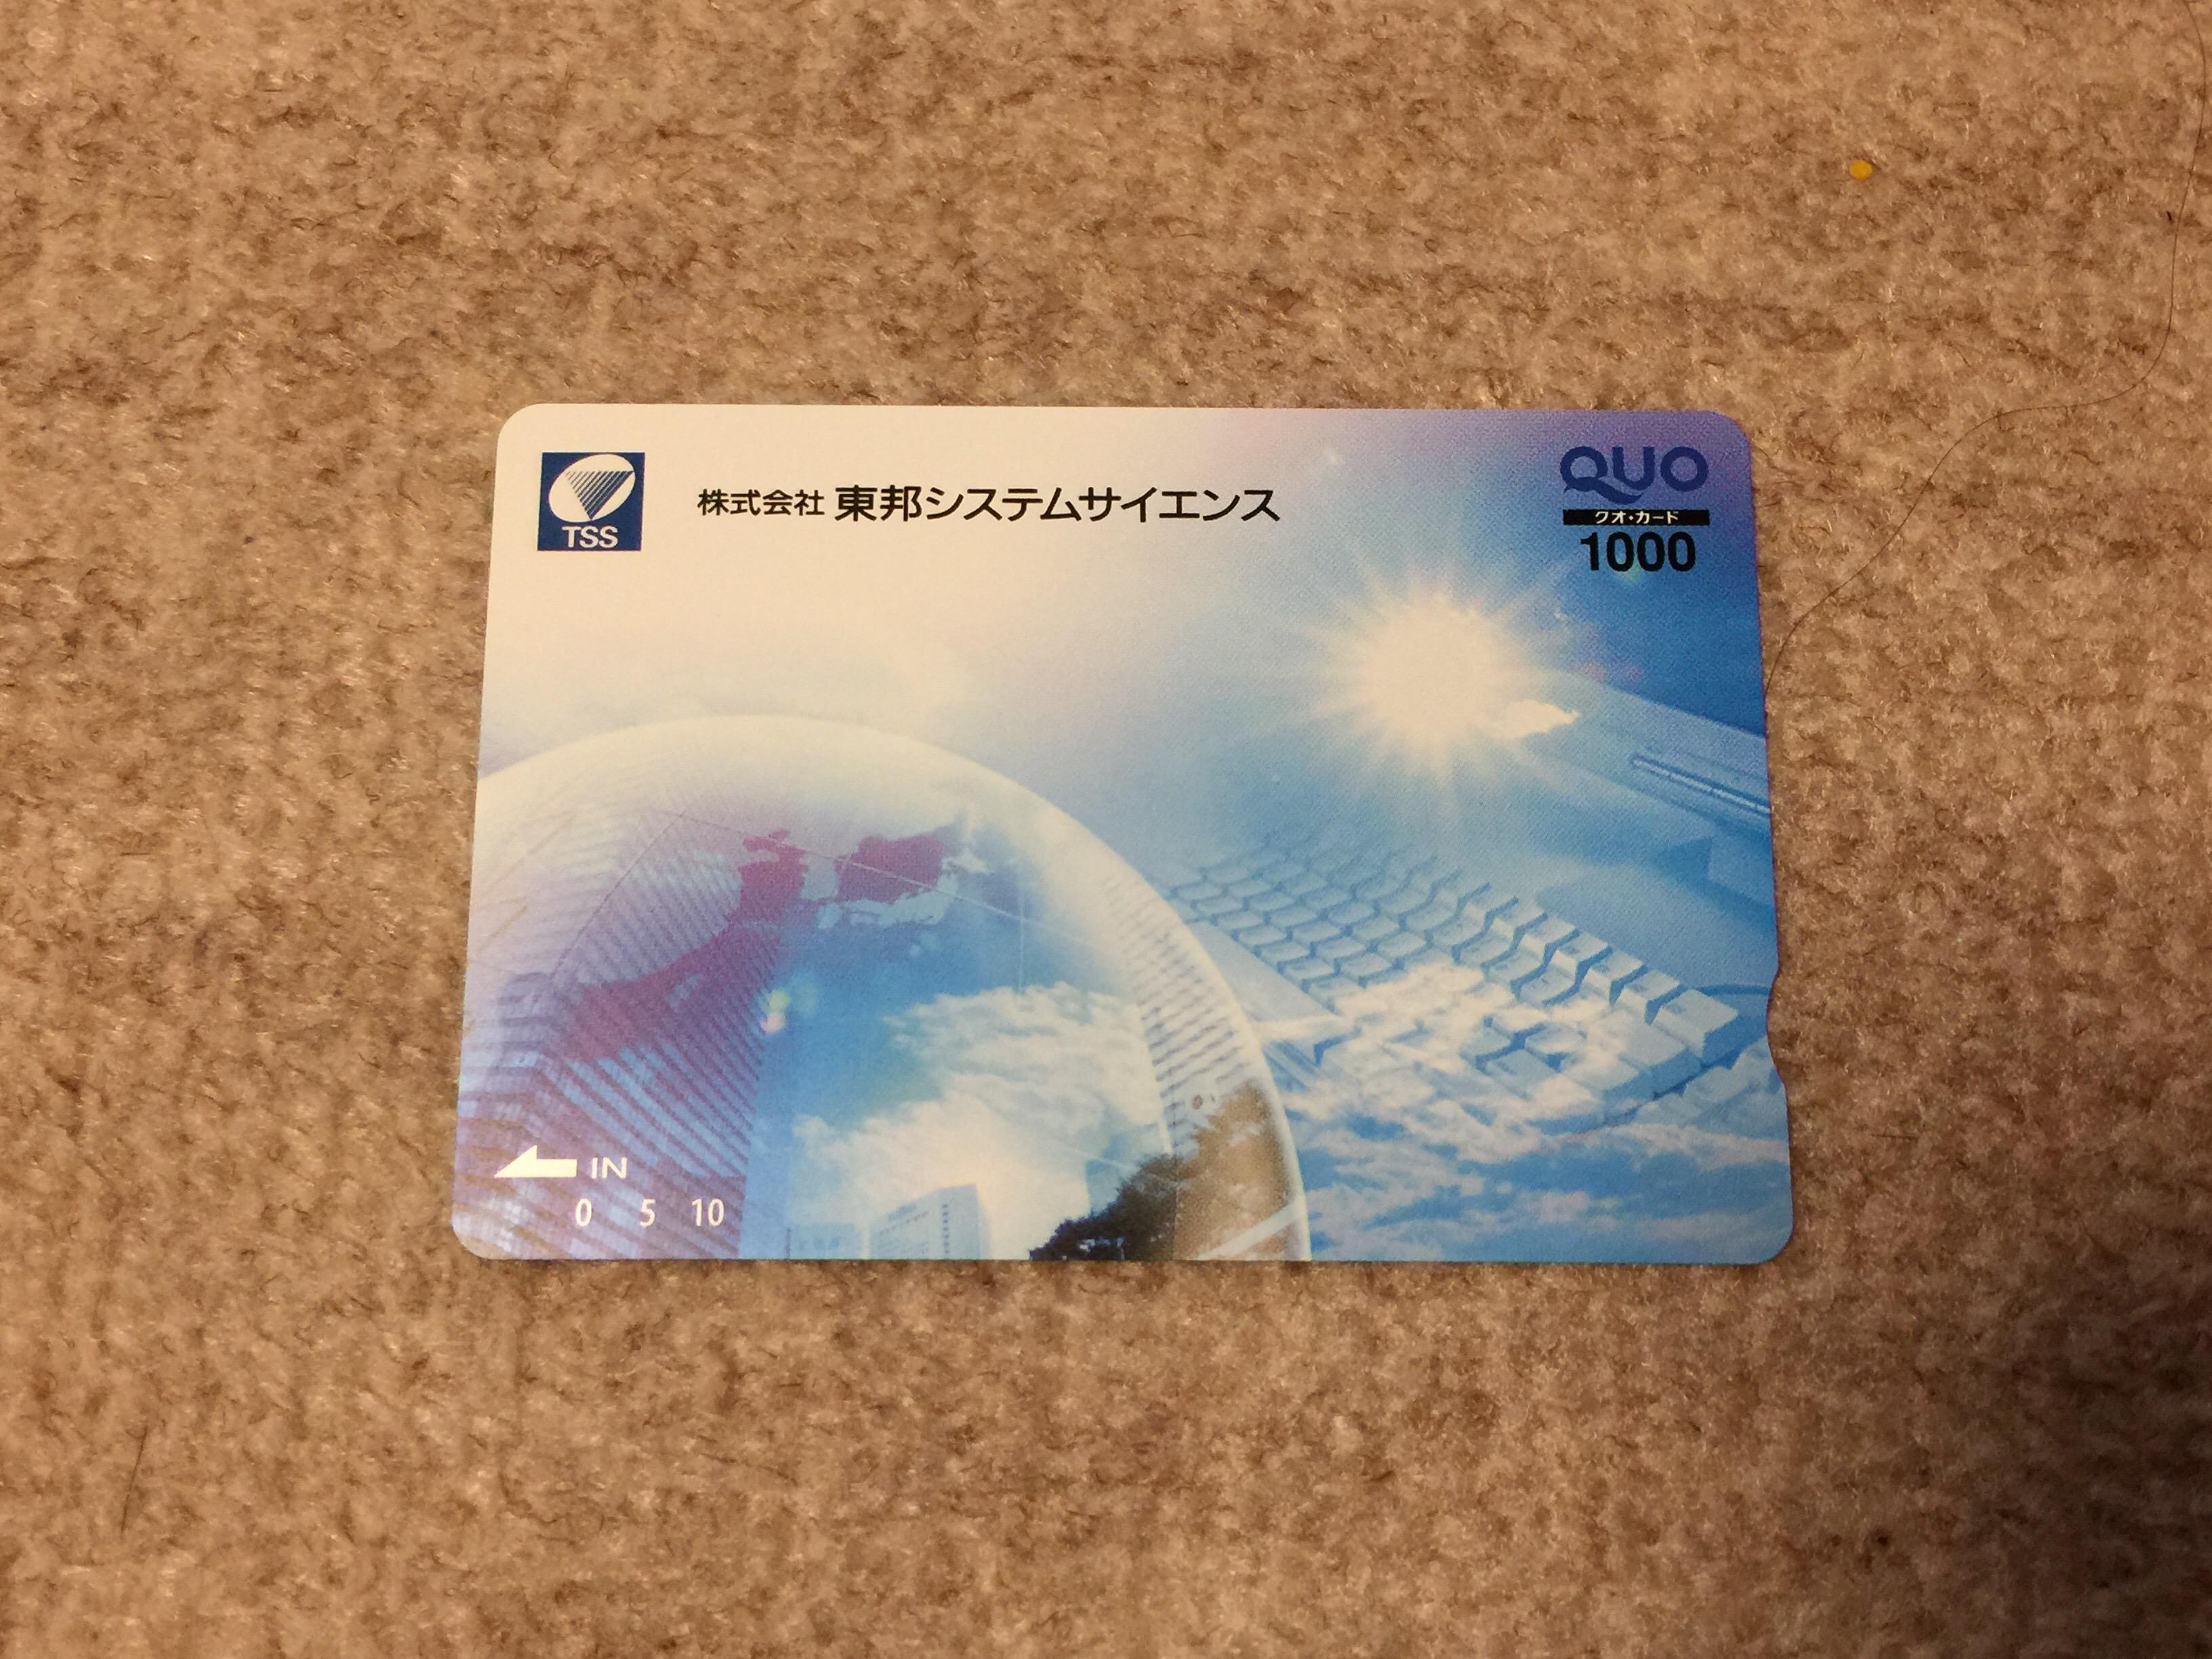 200株以上必要 東邦システムサイエンスの株主優待 クオカード1,000円分